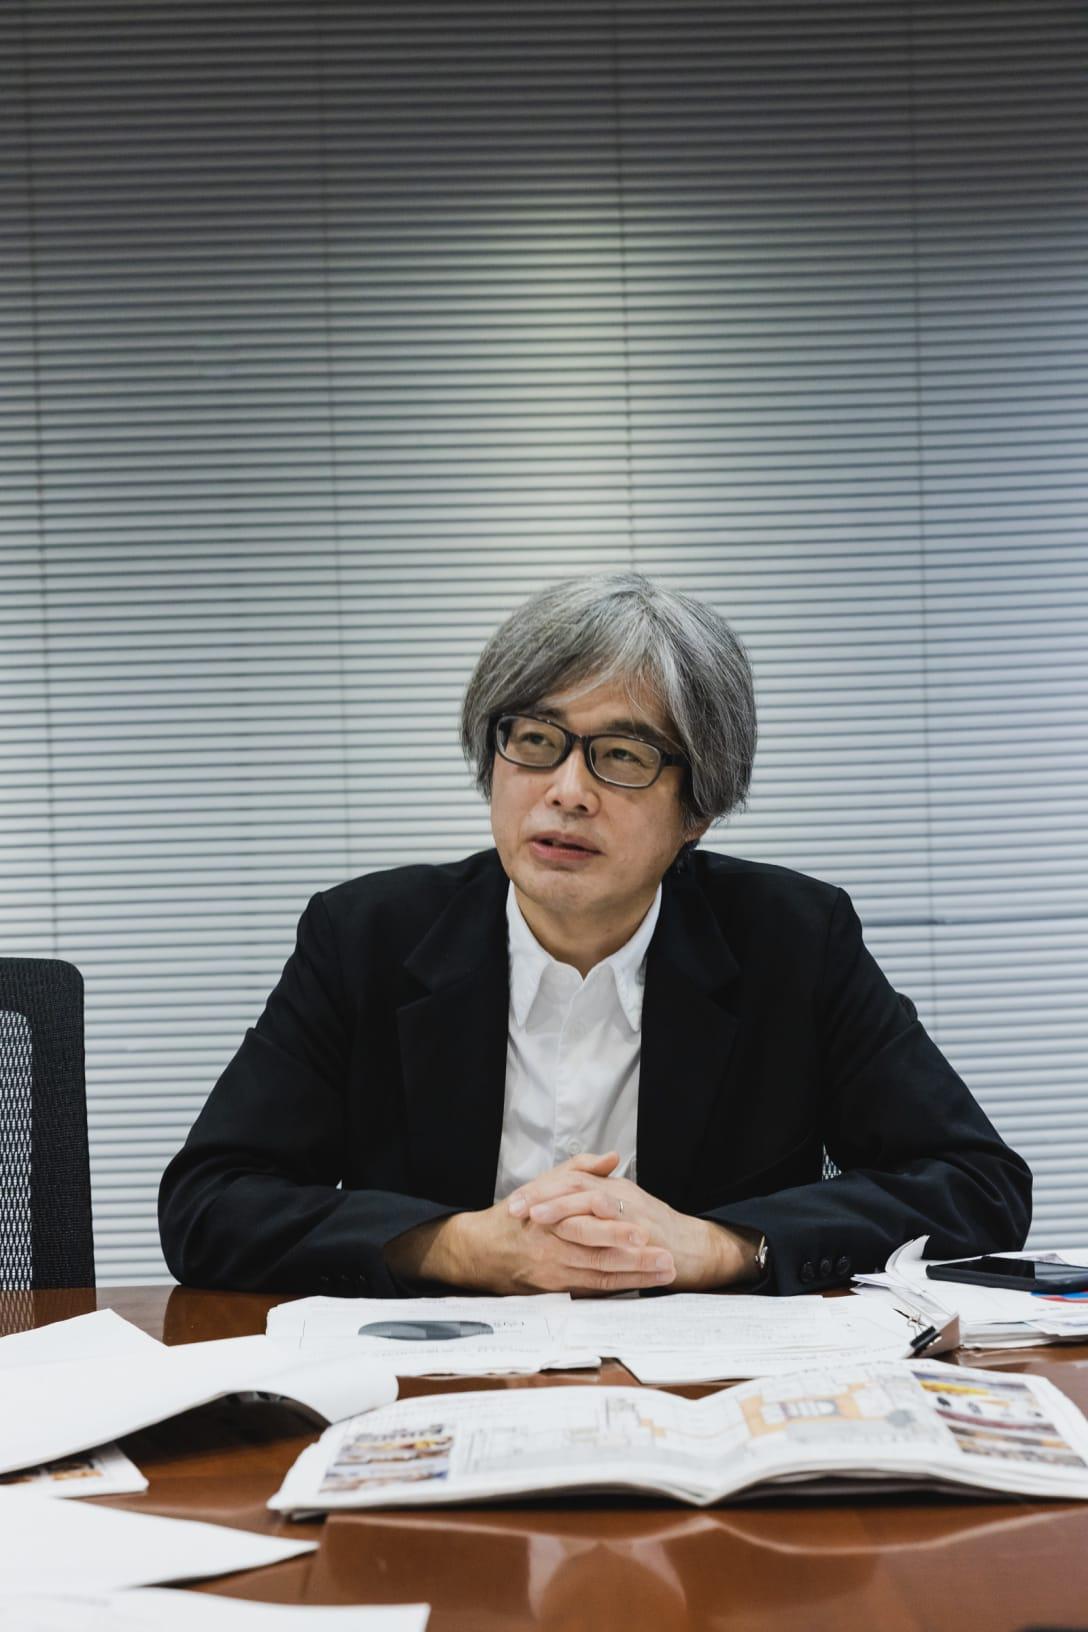 泉水隆氏 Image by FASHIONSNAP.COM